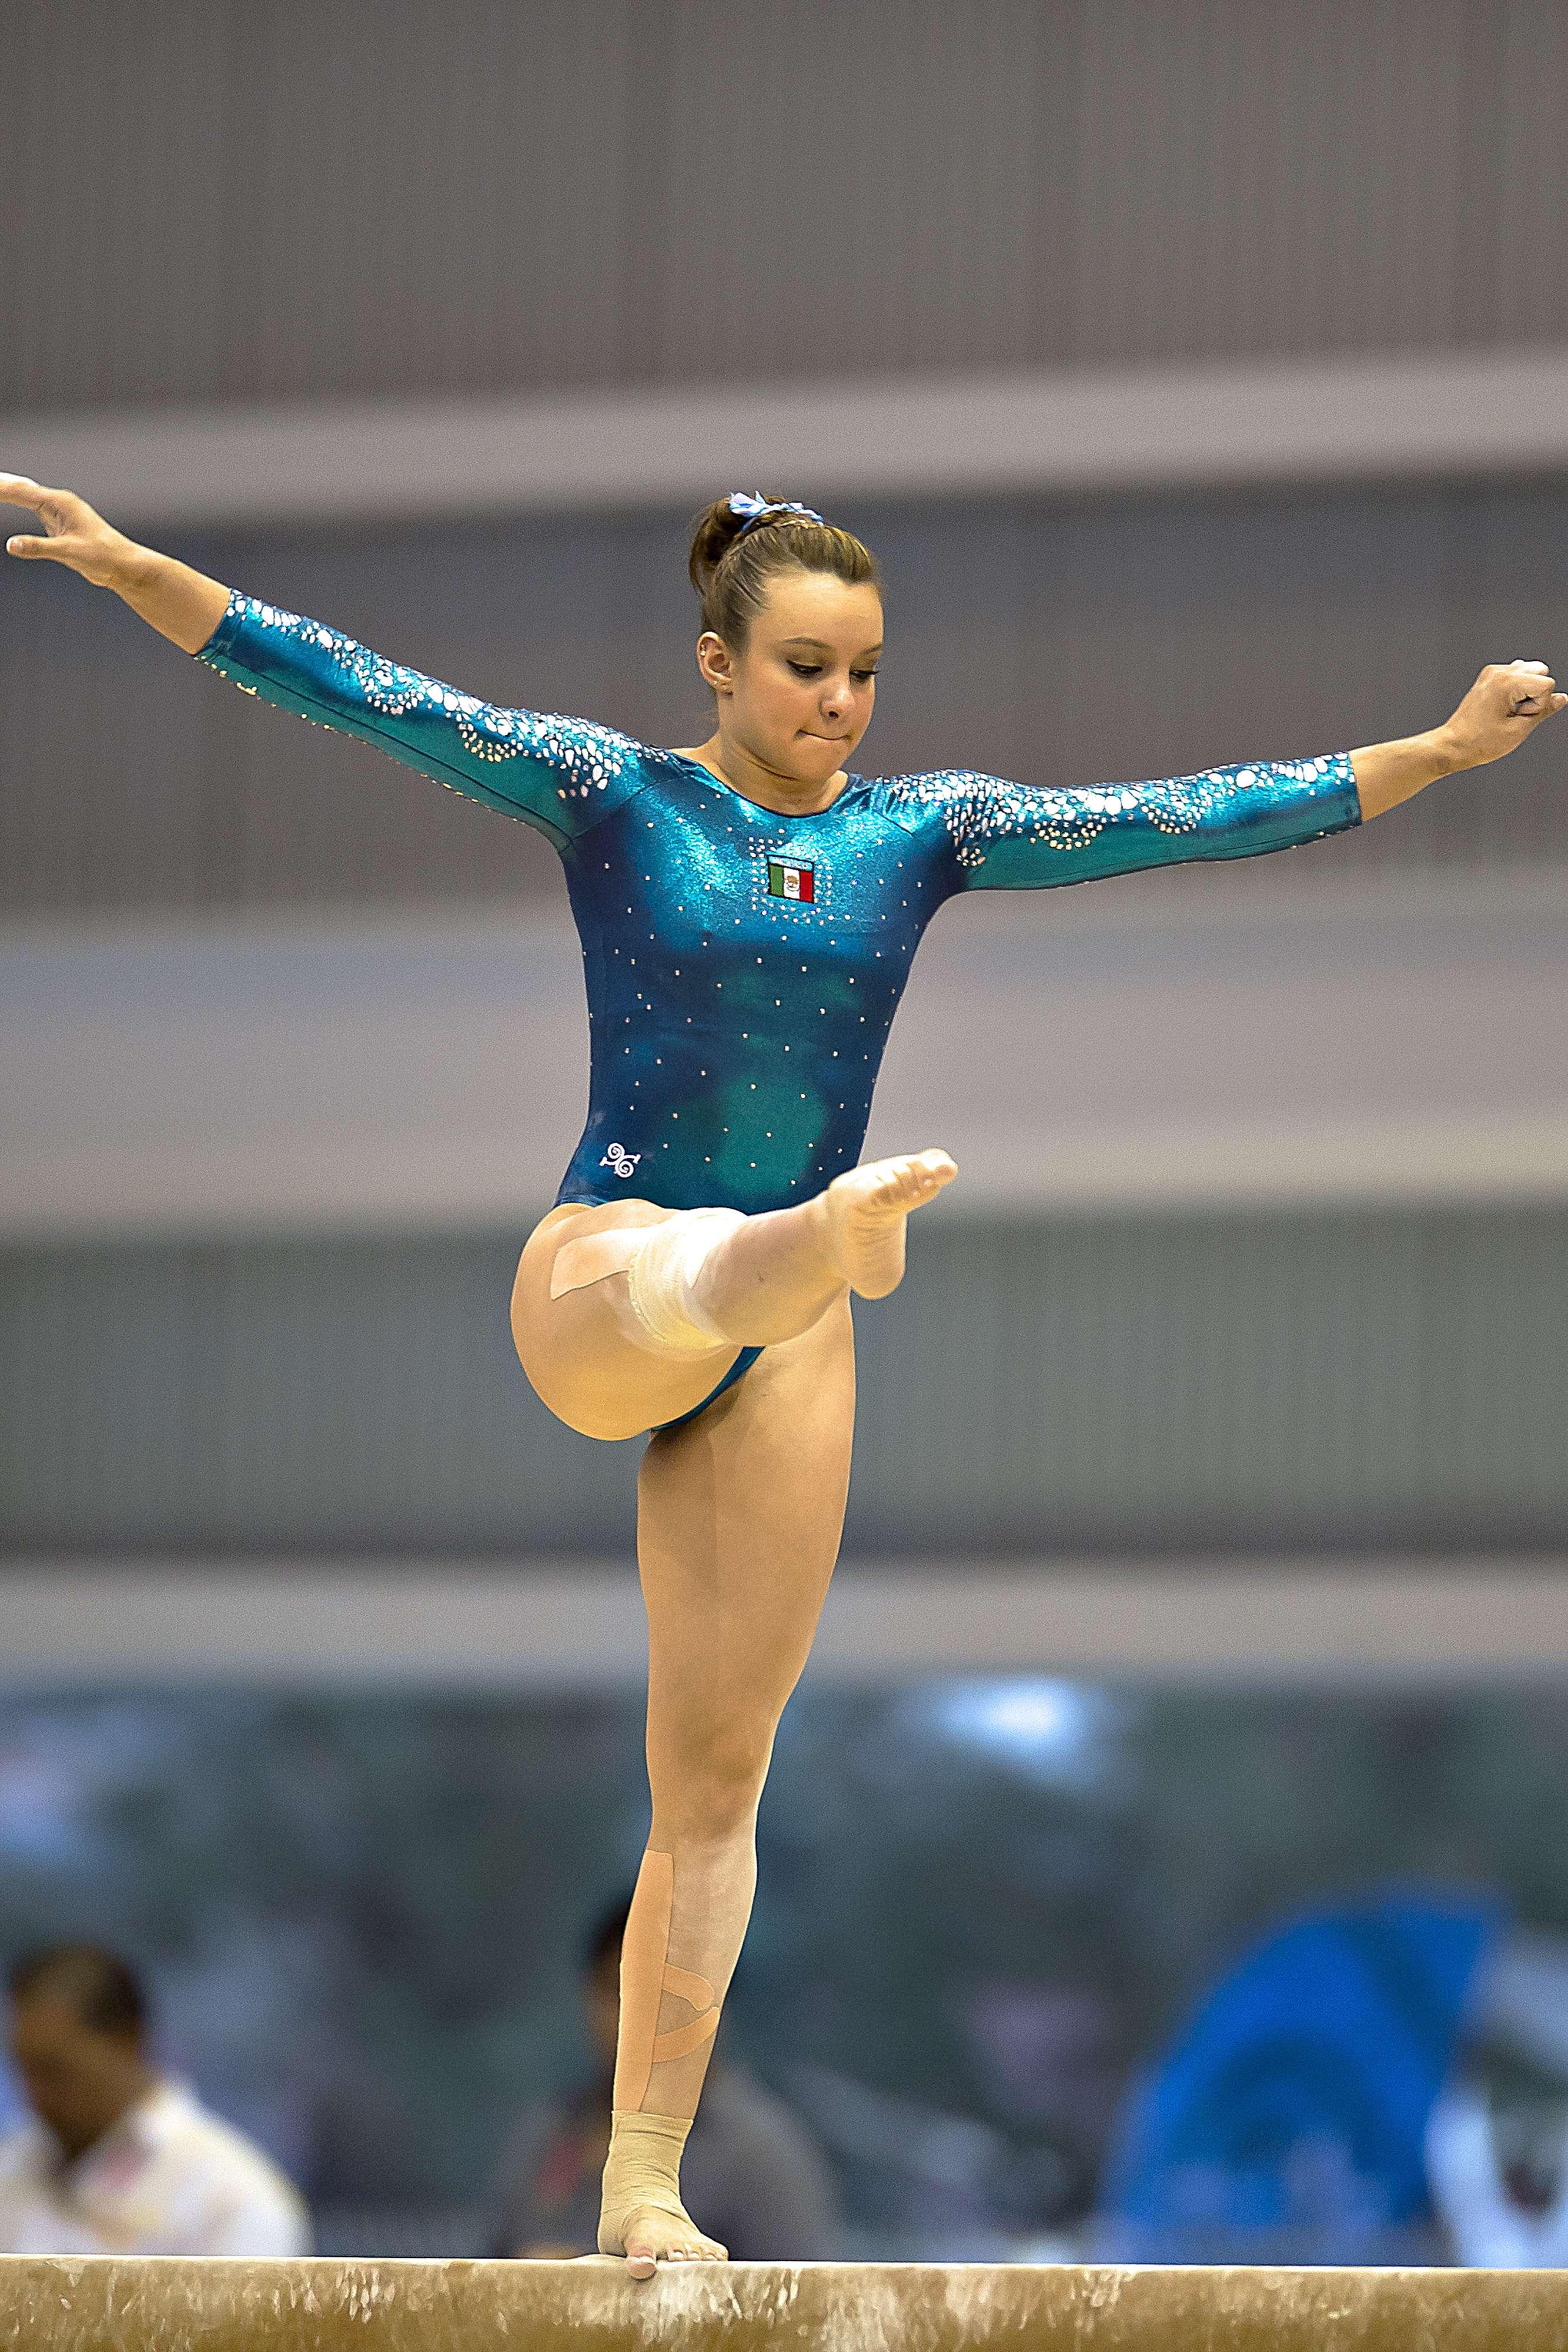 La mexicana presentó elementos acrobáticos en diferente dirección. Foto: Mexsport